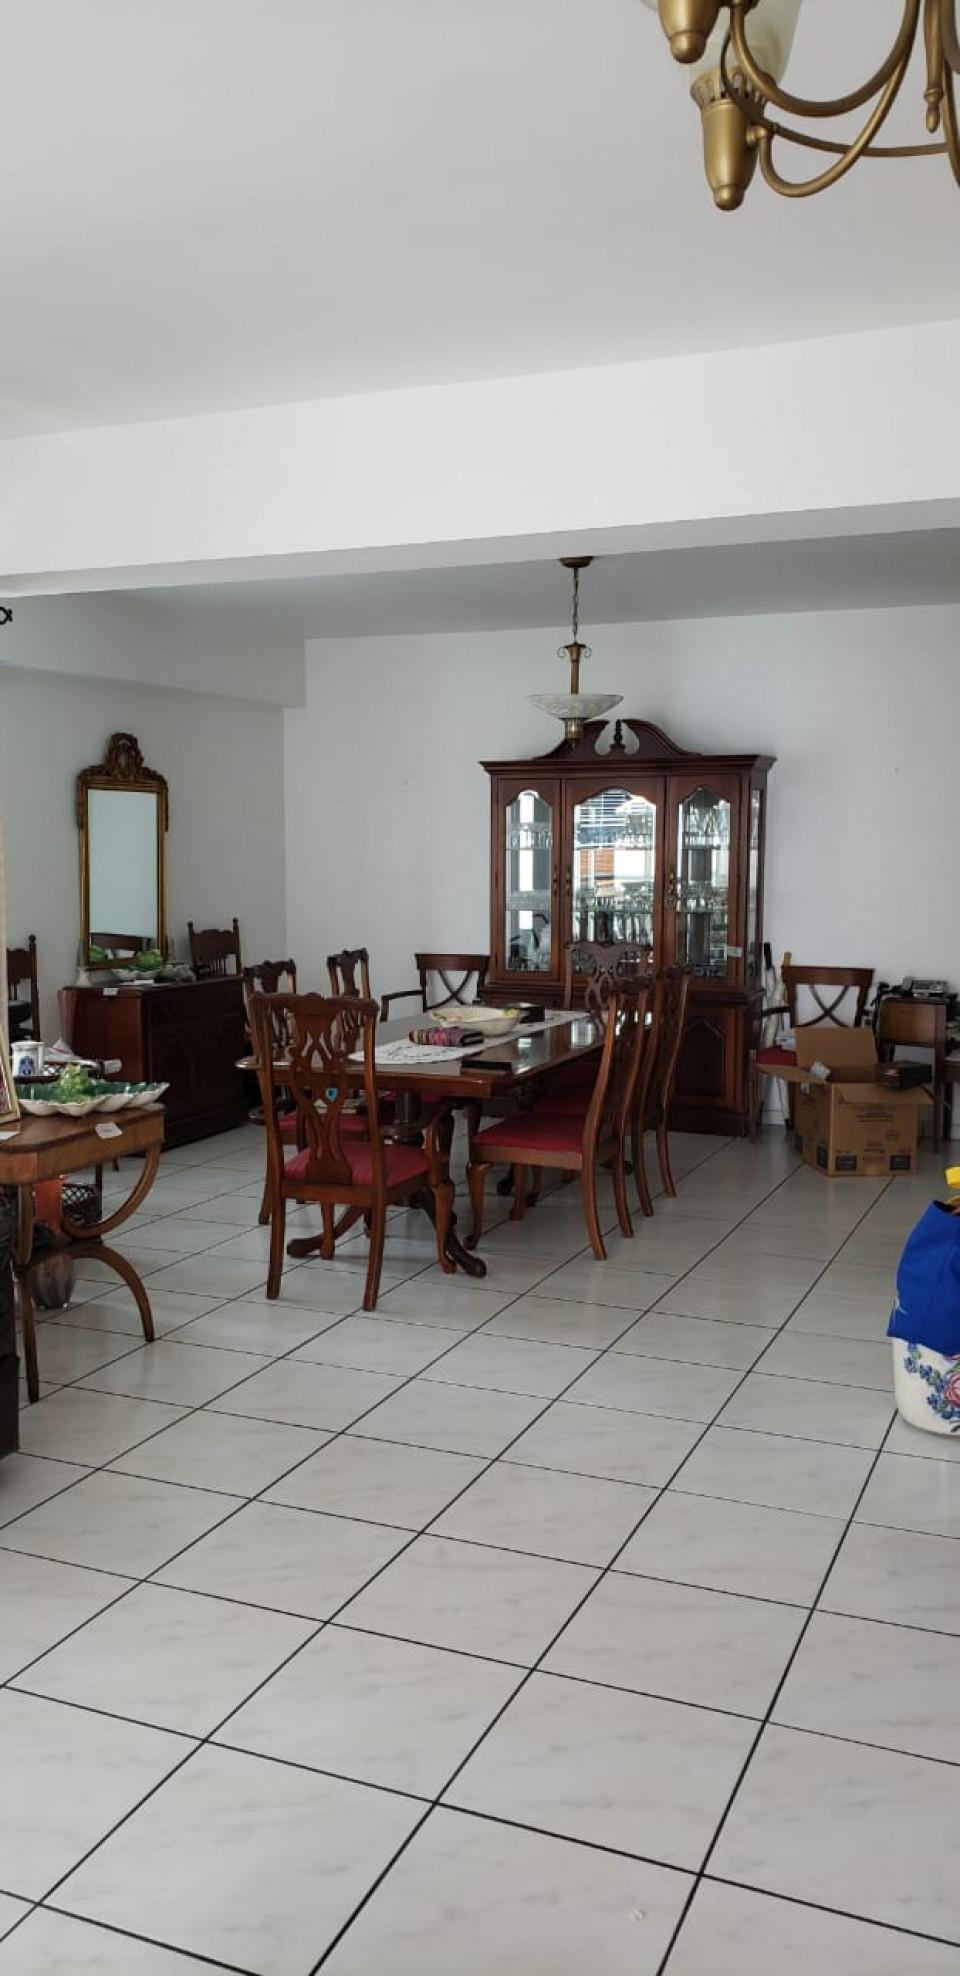 Apartamento en venta en el sector EVARISTO MORALES precio US$ 235,000.00 US$235,000